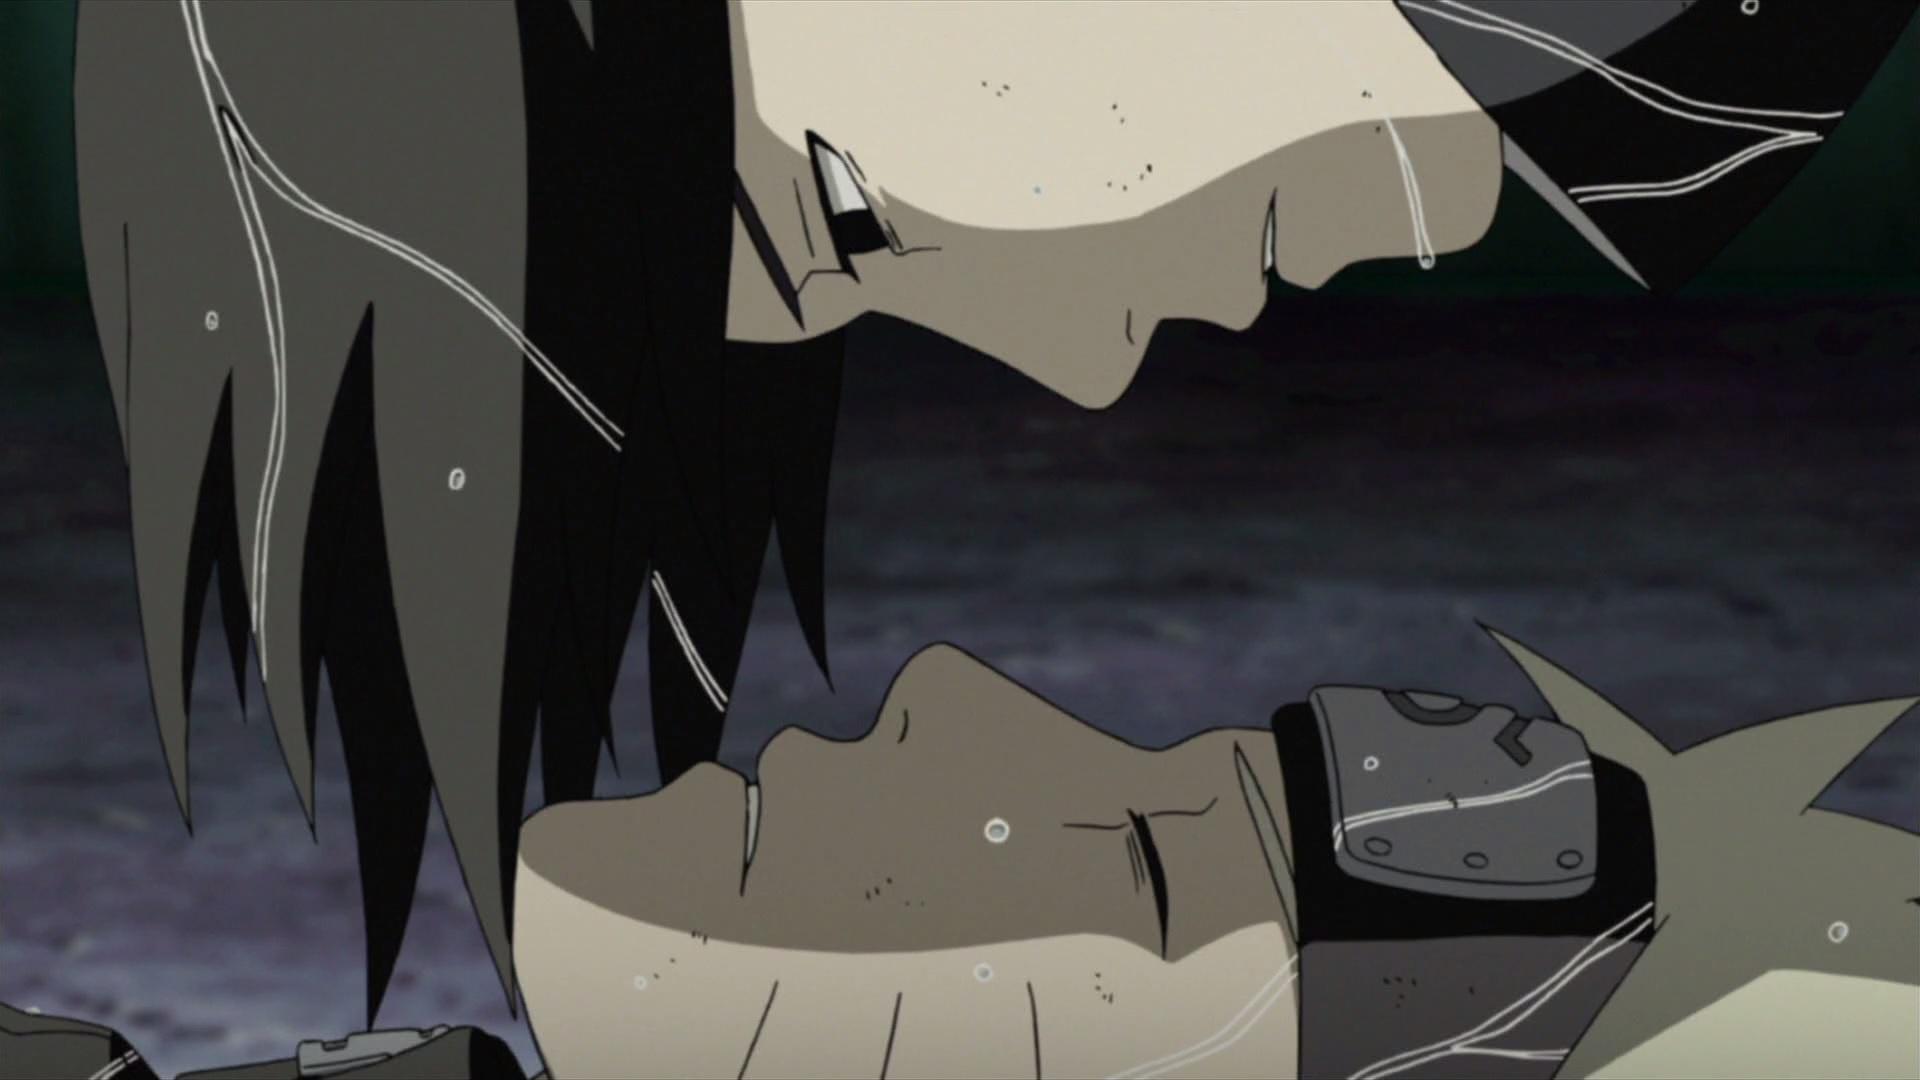 Sasuke vs naruto orochimaru s curse naruto shippuden 446 daily anime art - Naruto and sasuki ...